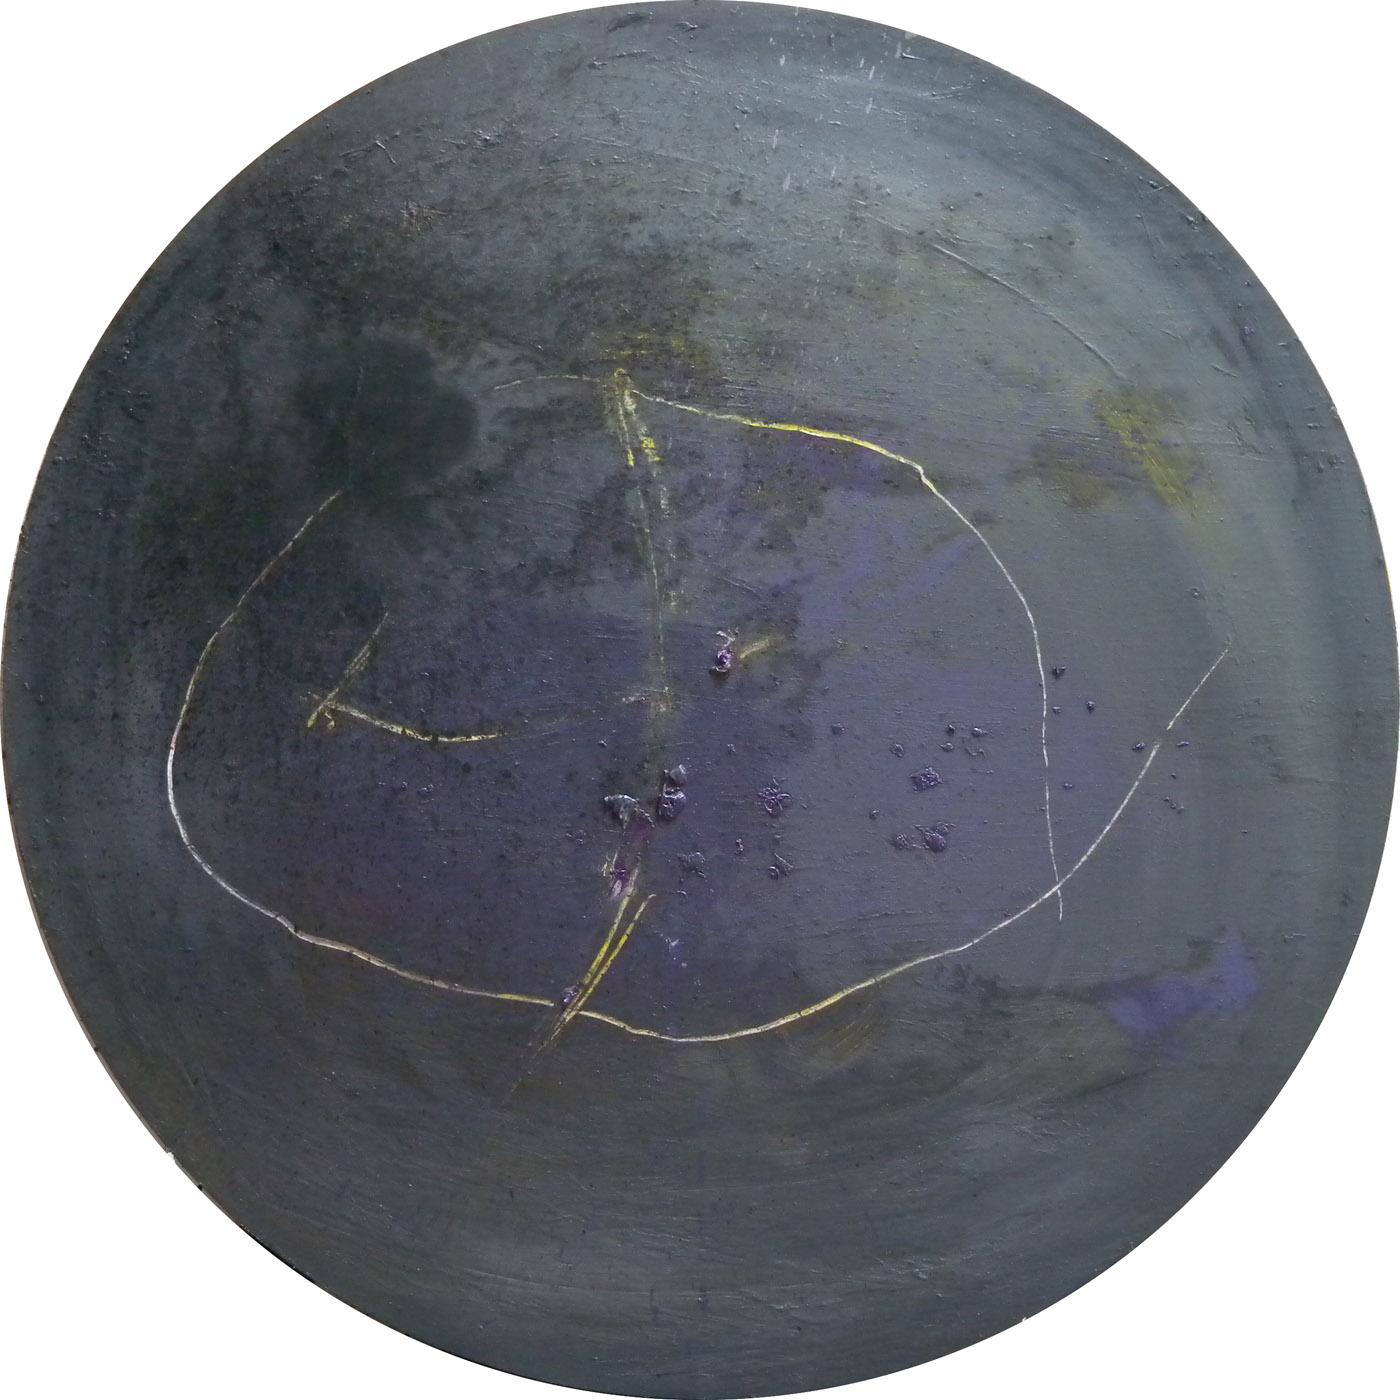 MARC FELD 2010 PARADE FOR CHAÏM 5 Huile sur toile diamètre 190 cm